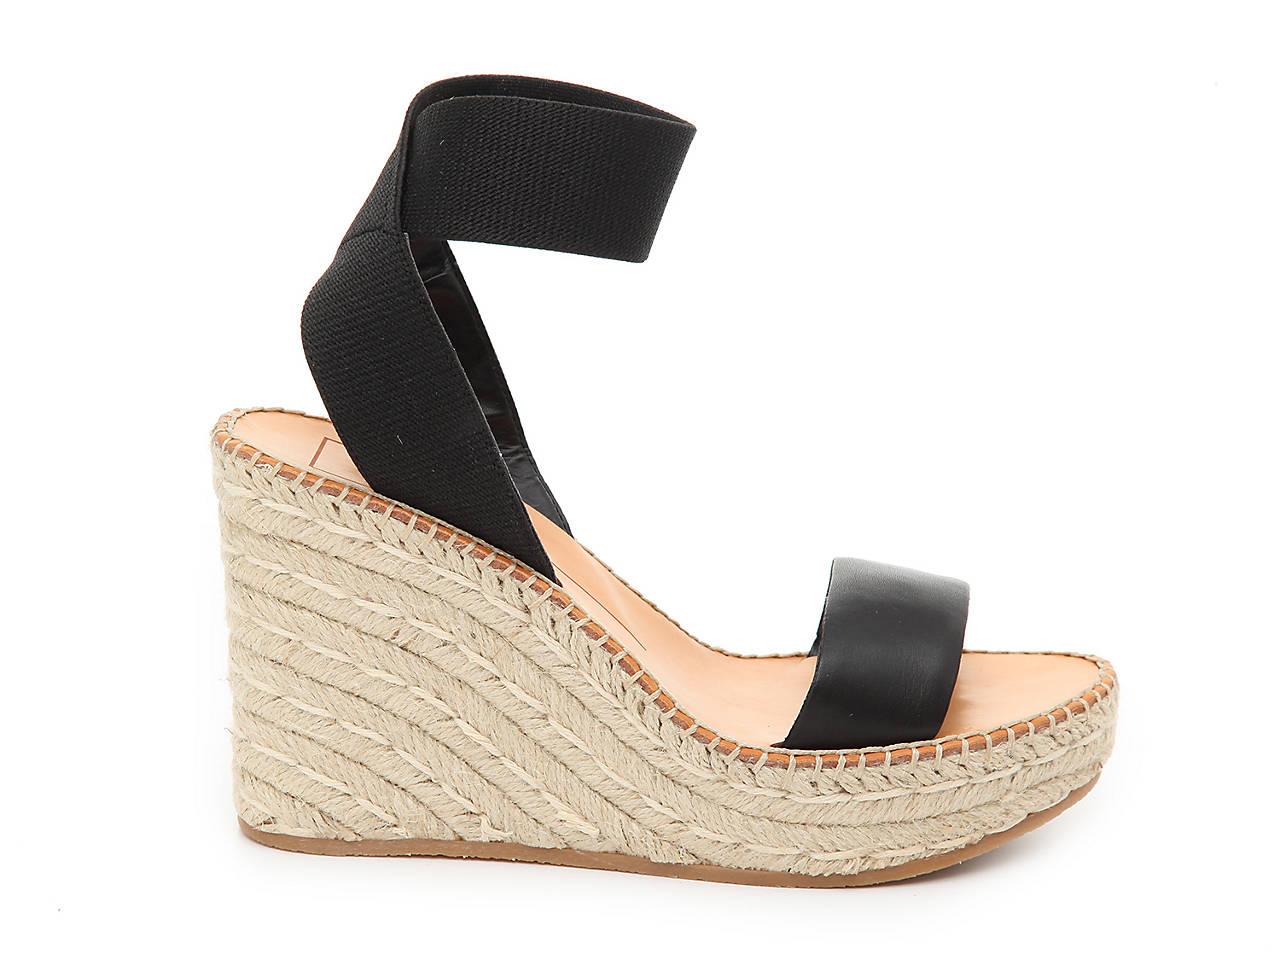 37300de09de Dolce Vita Pavlin Espadrille Wedge Sandal Women s Shoes